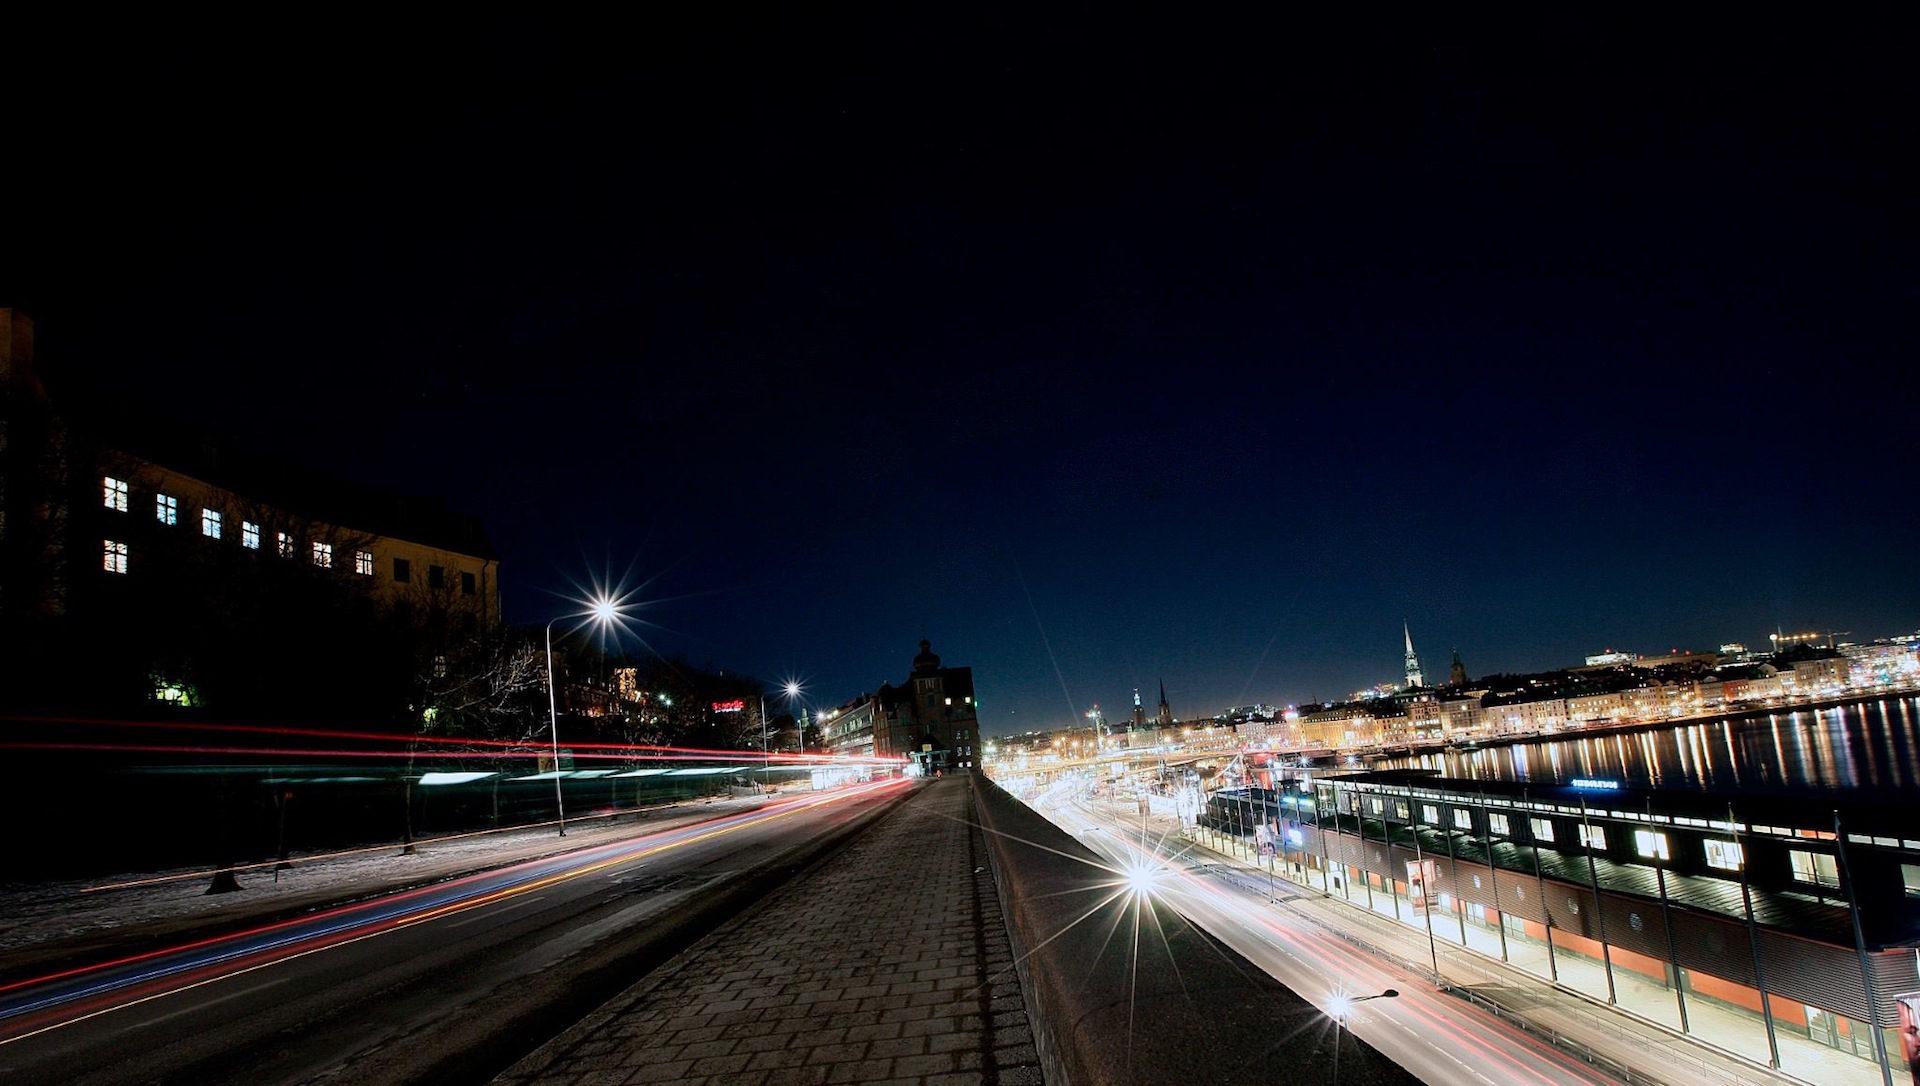 νύχτα, Πόλη, φώτα, tráfico, φωτοστέφανα - Wallpapers HD - Professor-falken.com